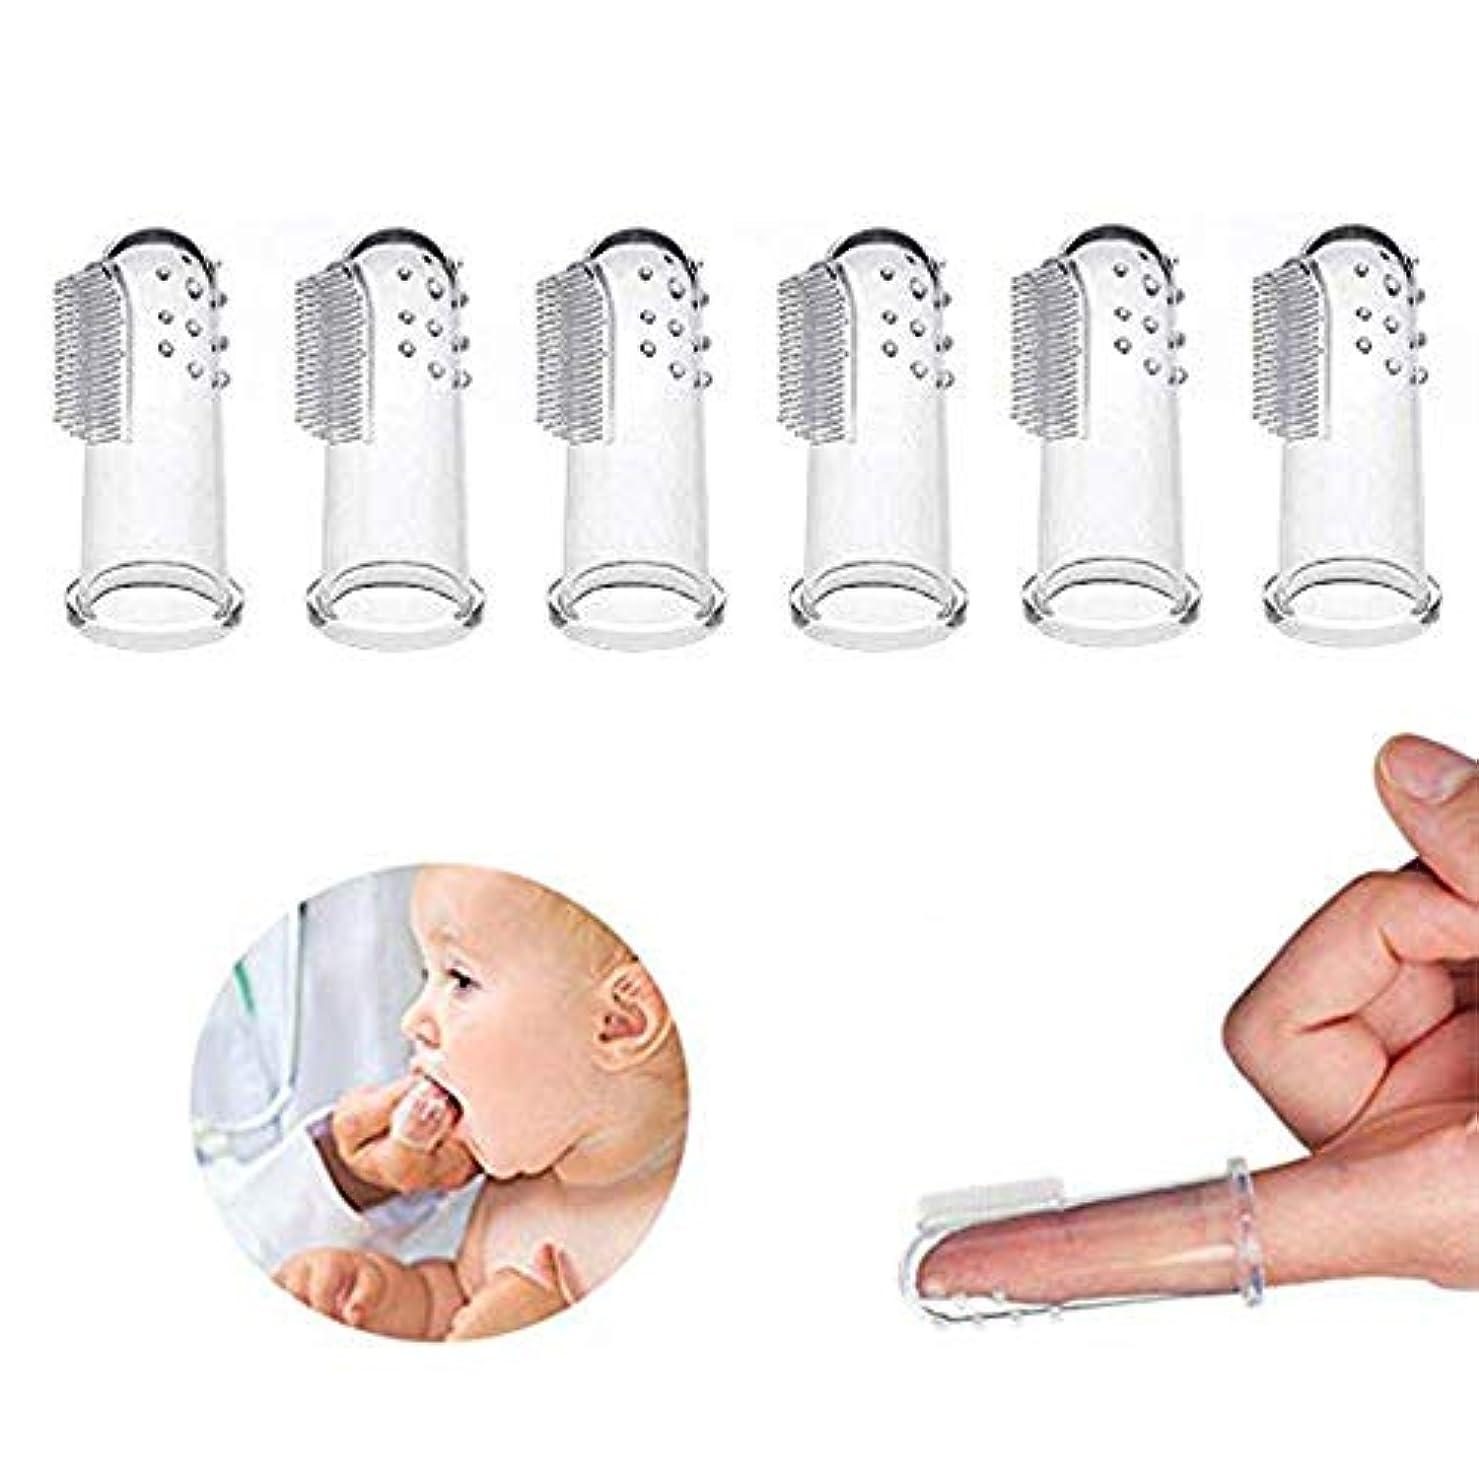 感覚インチ複数幼児歯ブラシ ベビー指歯ブラシ 指歯ブラシ 乳歯清潔 口腔ケア ケース付き ベビーフィンガーブラ 乳児幼児子供用シリコーンソフトオーラルマッサージャージェントルケア 6本セット (ホワイト)